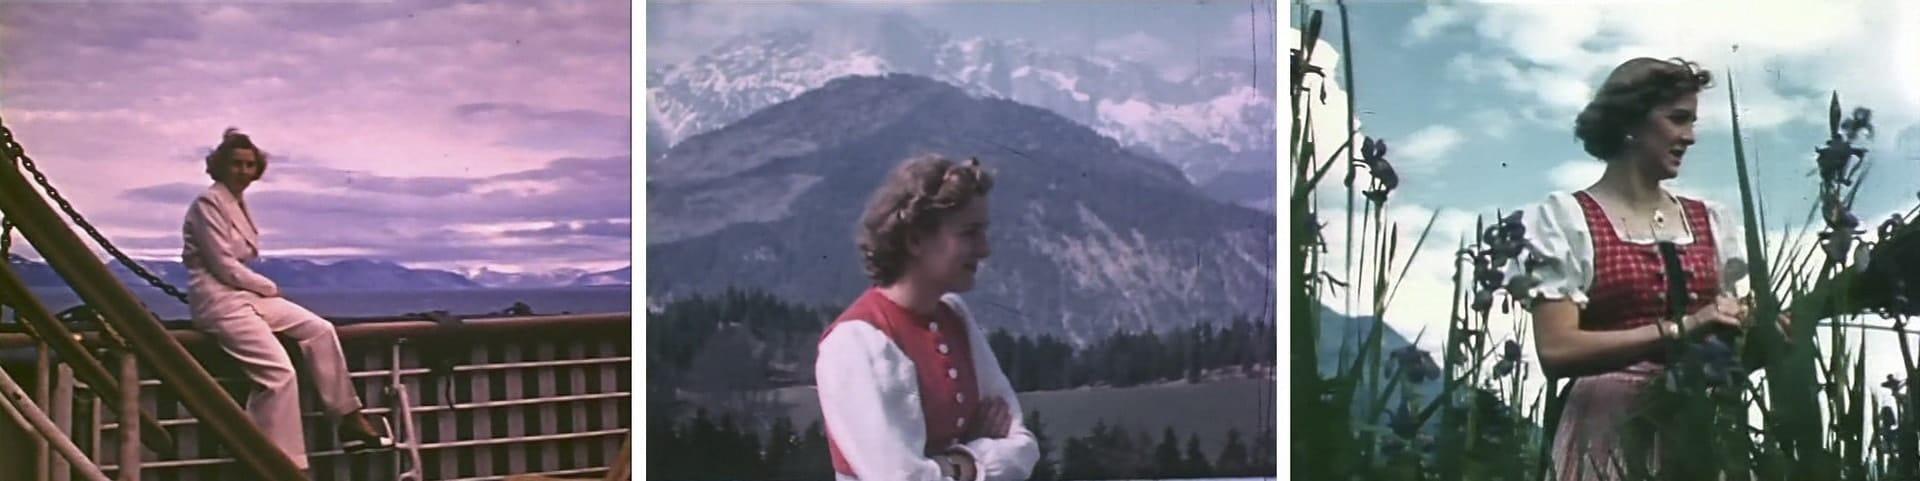 Цветная кадры Евы Браун 1930-е